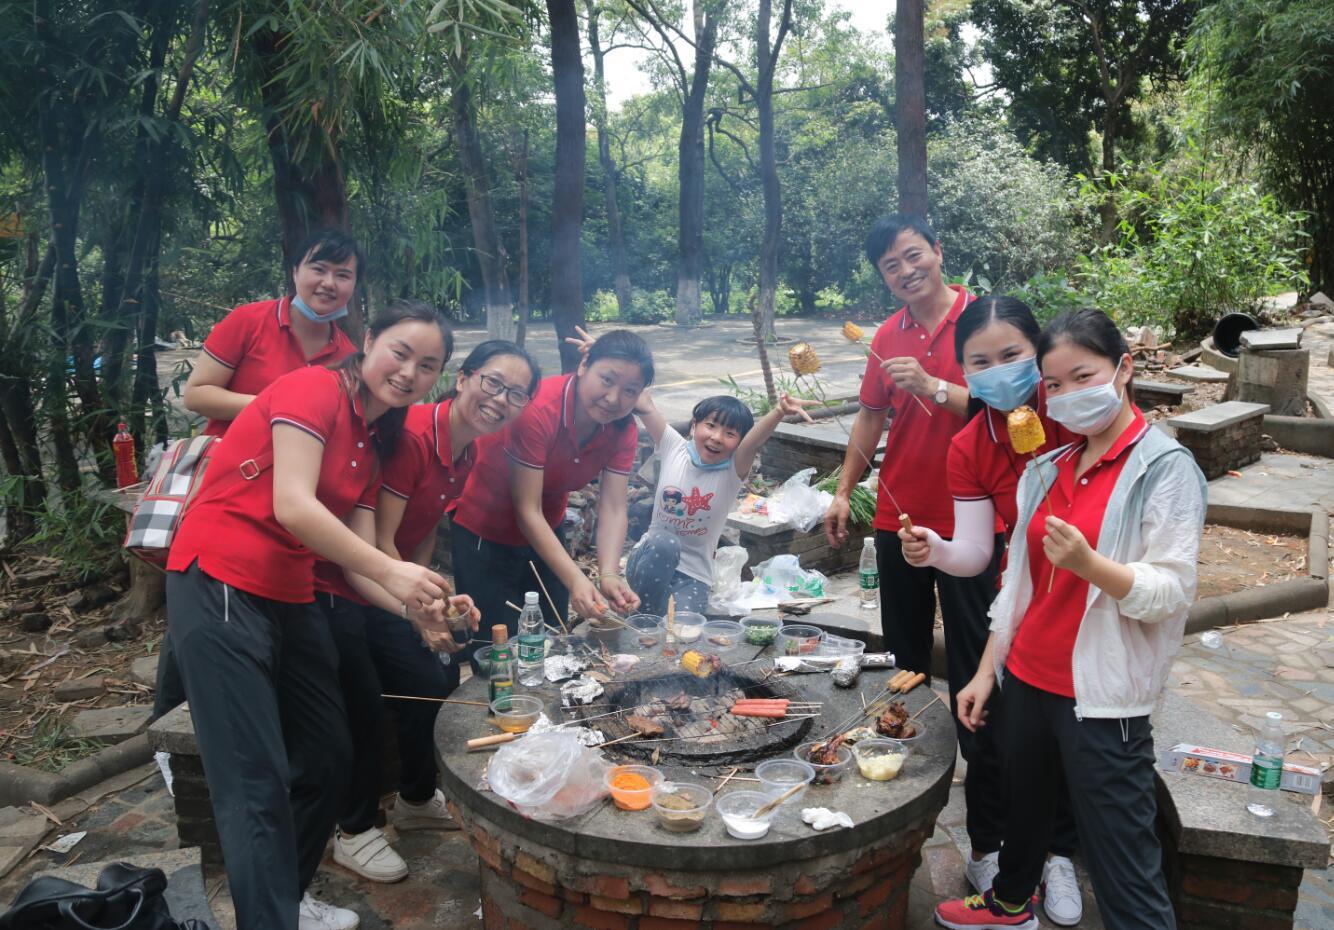 烧烤品美味,团训聚人心——记新康小学教师大夫山之旅